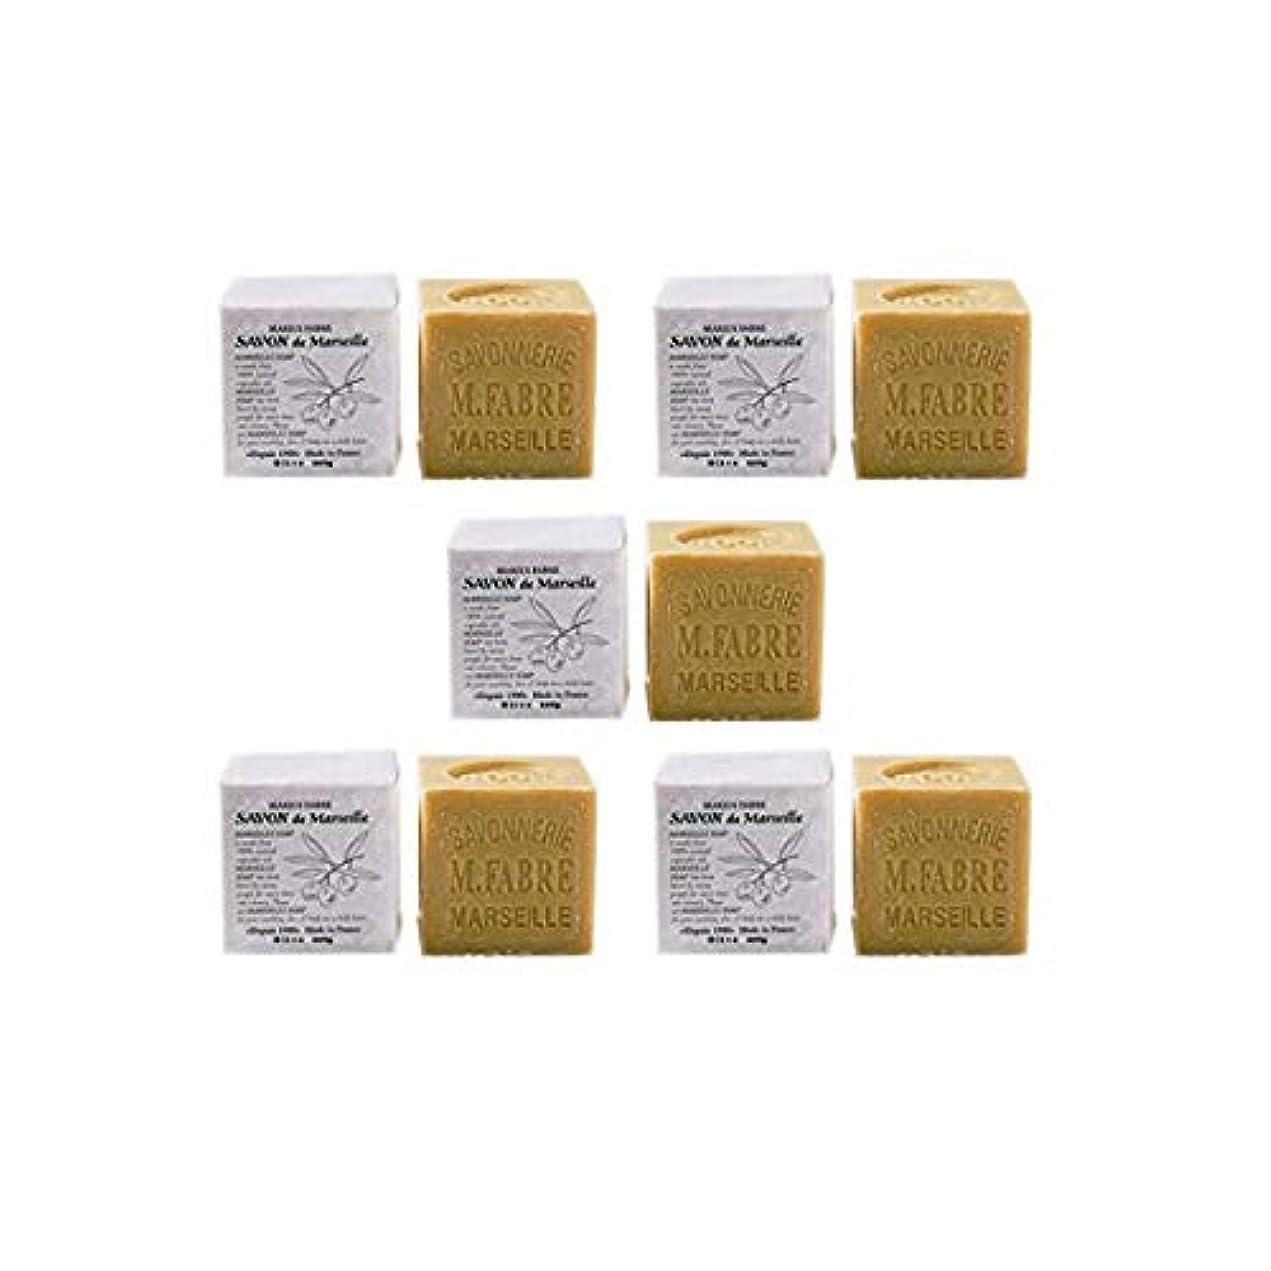 免除試験ブレンドマリウスファーブルジューン社 サボンドマルセイユ無香料200gオリーブN 5個セット(200g×5個)無添加オリーブ石鹸